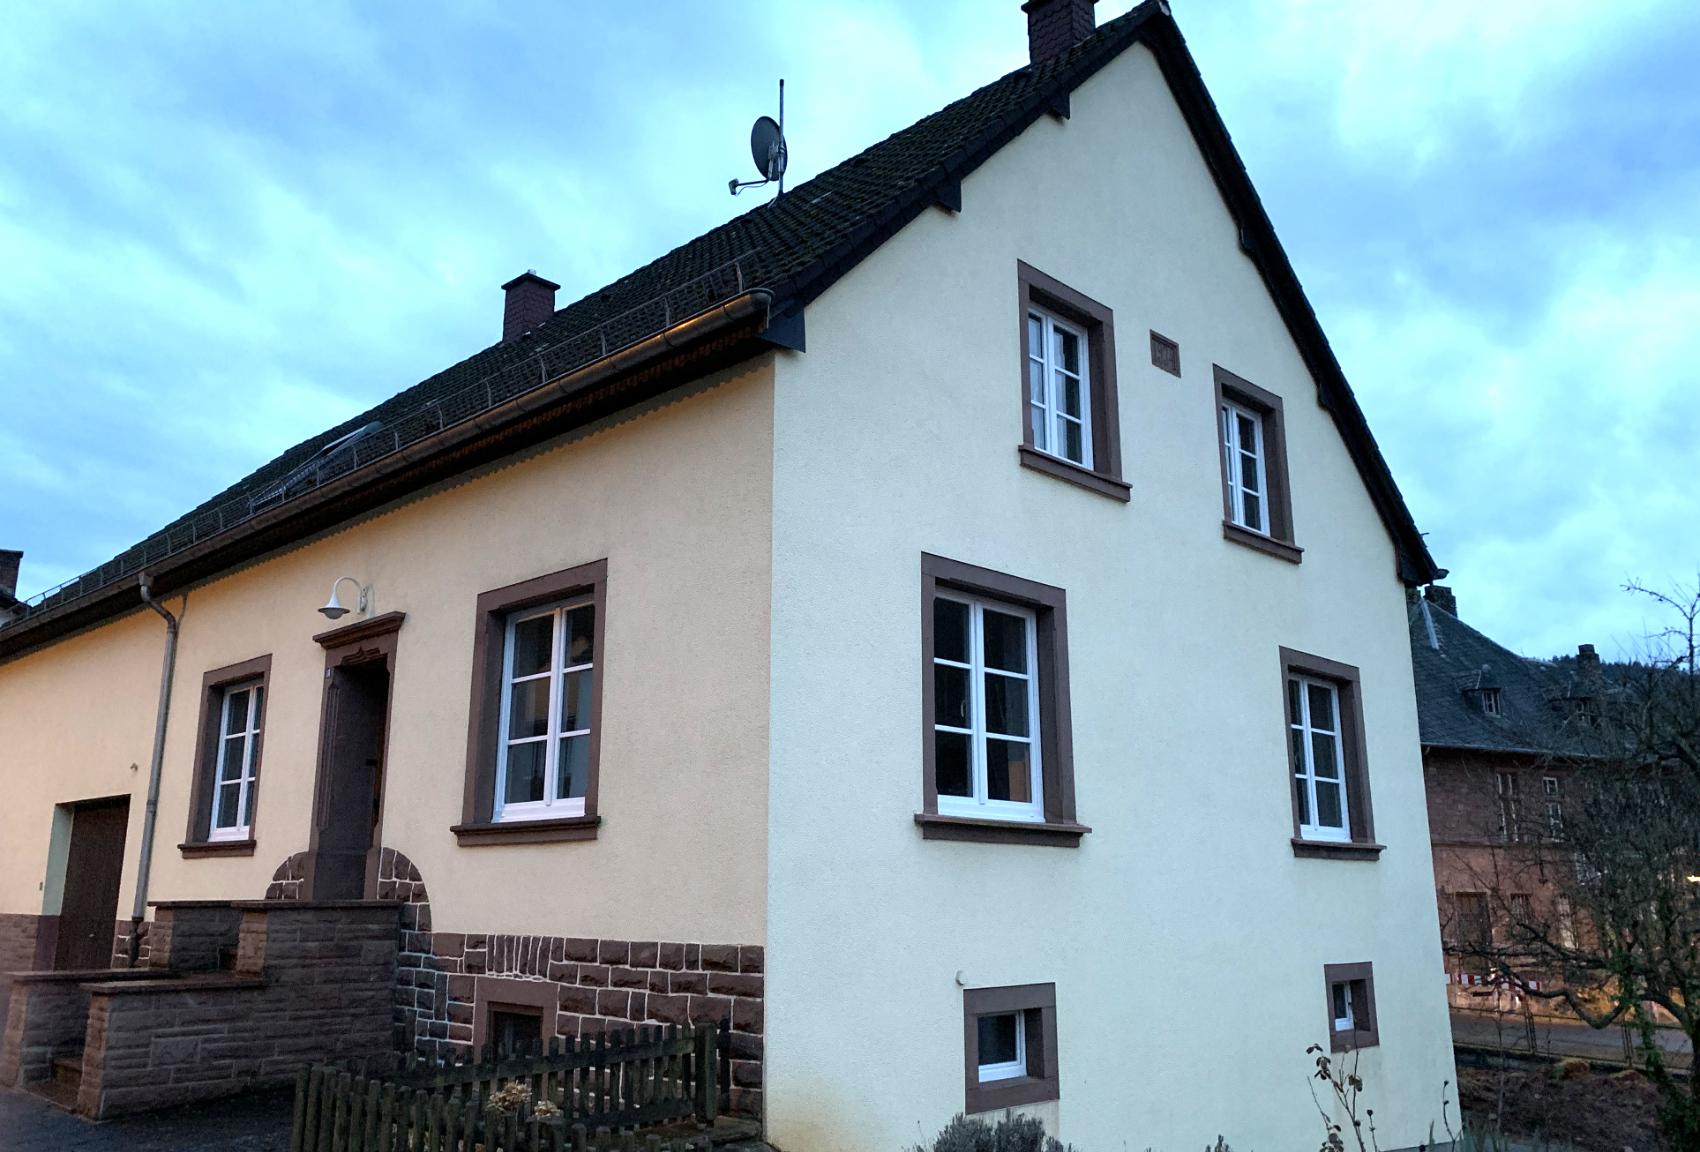 Sprossenfenster Eifel Densborn